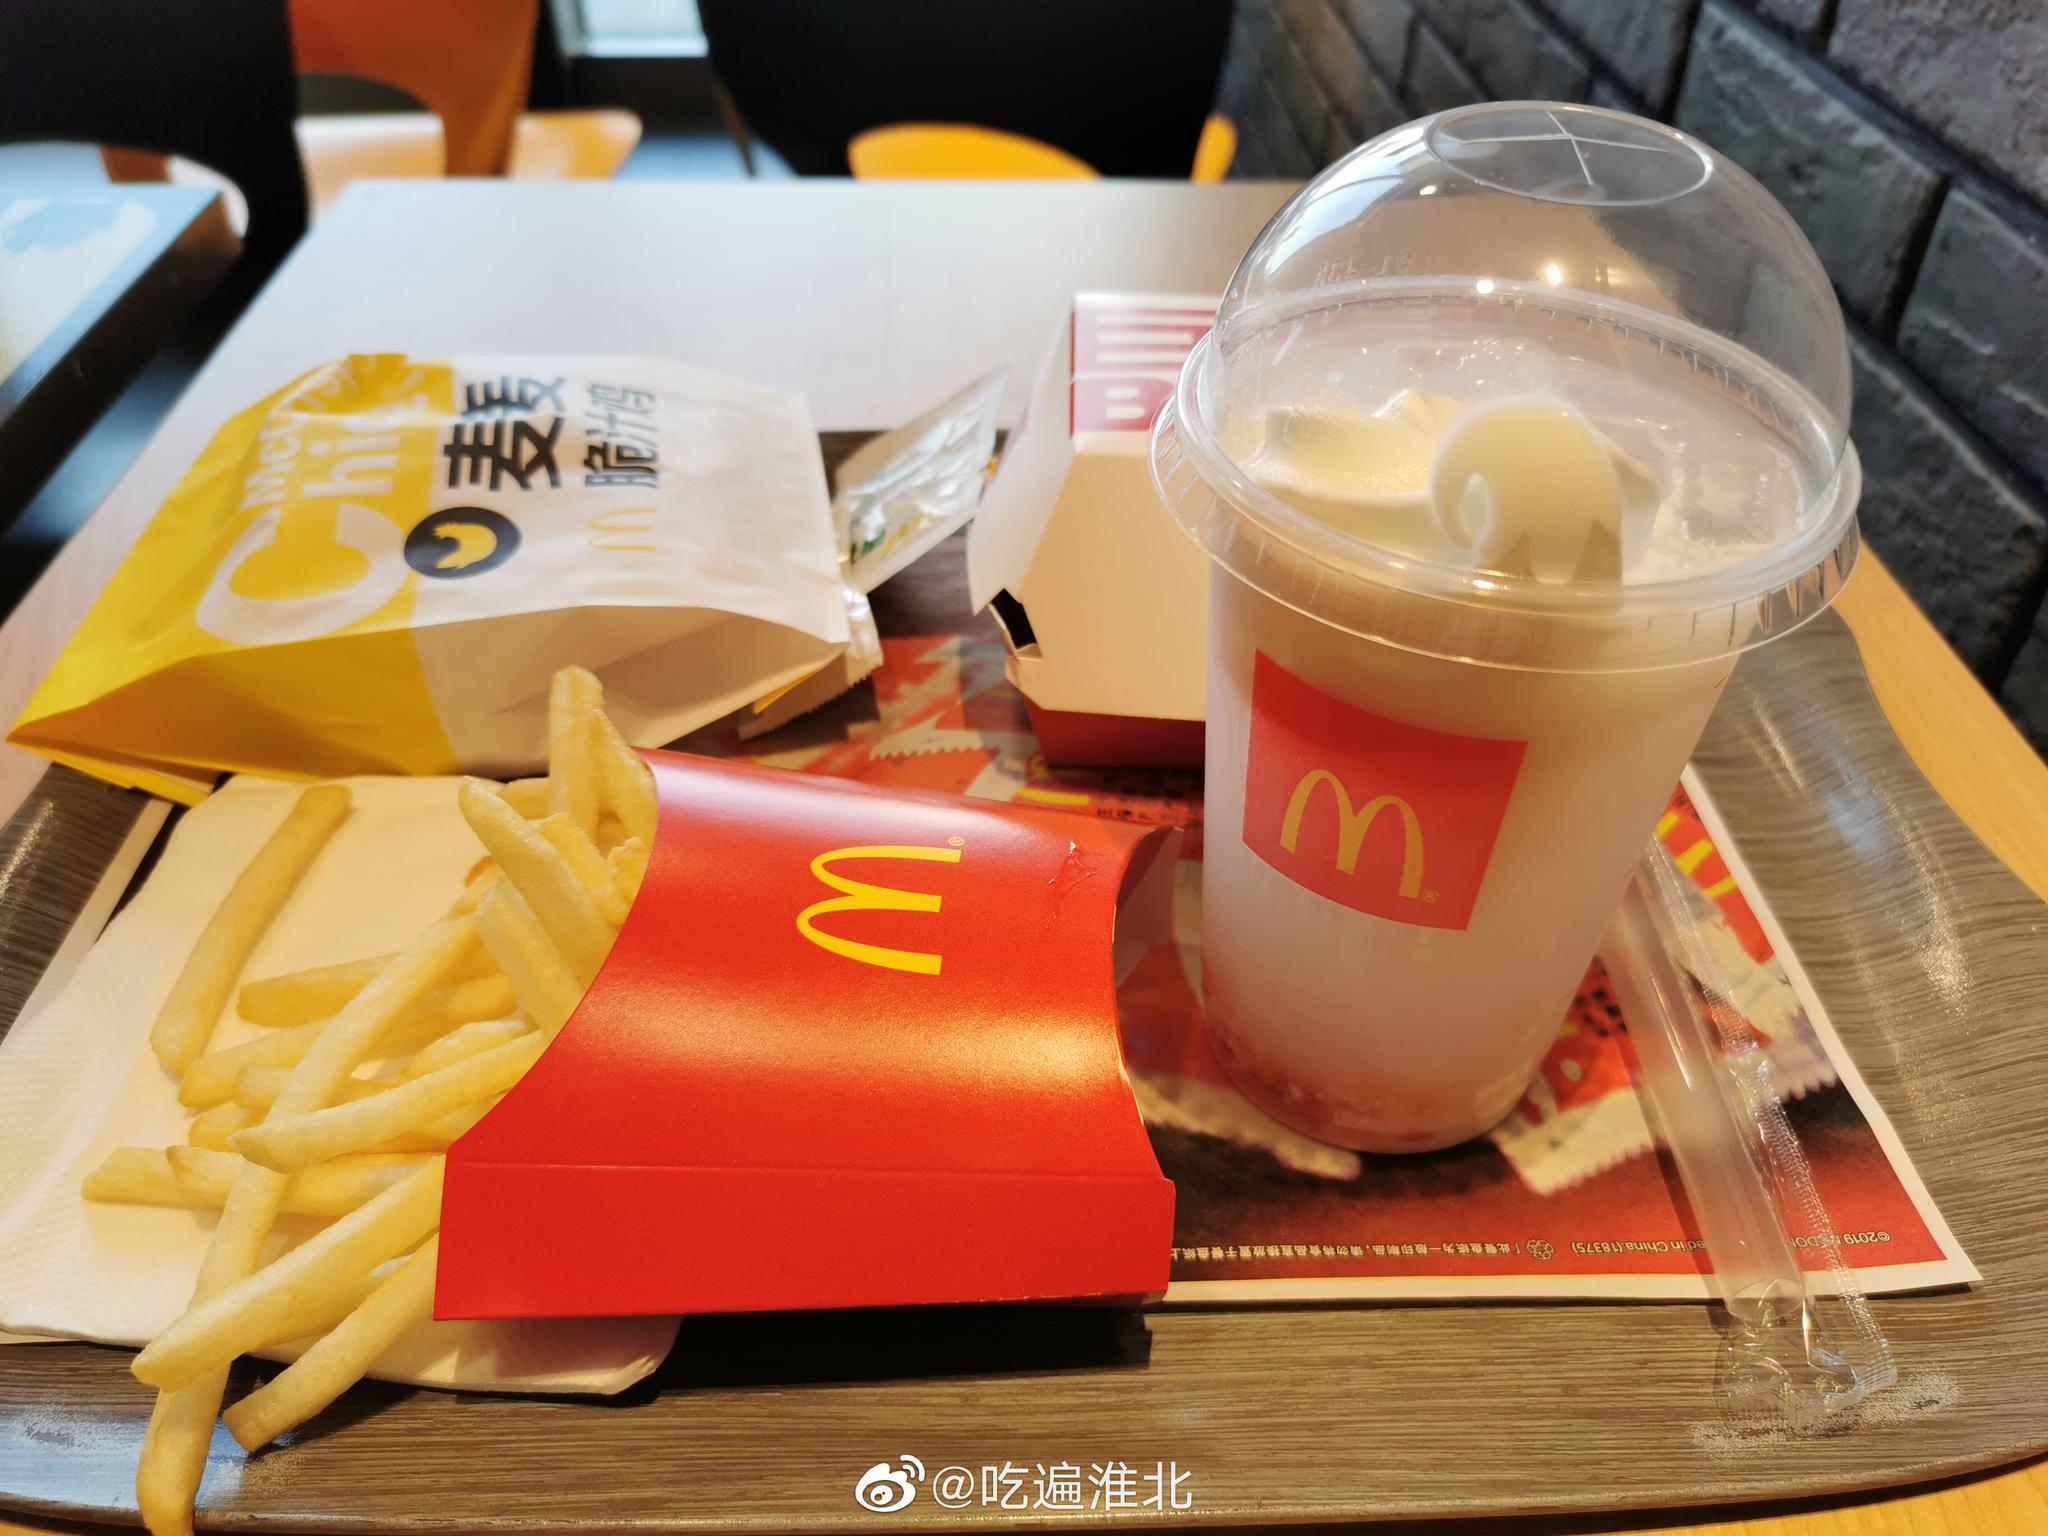 麦当劳的麦麦脆汁鸡➕ 青花椒粉 绝啦~ 波波椰奶没有图片上漂亮